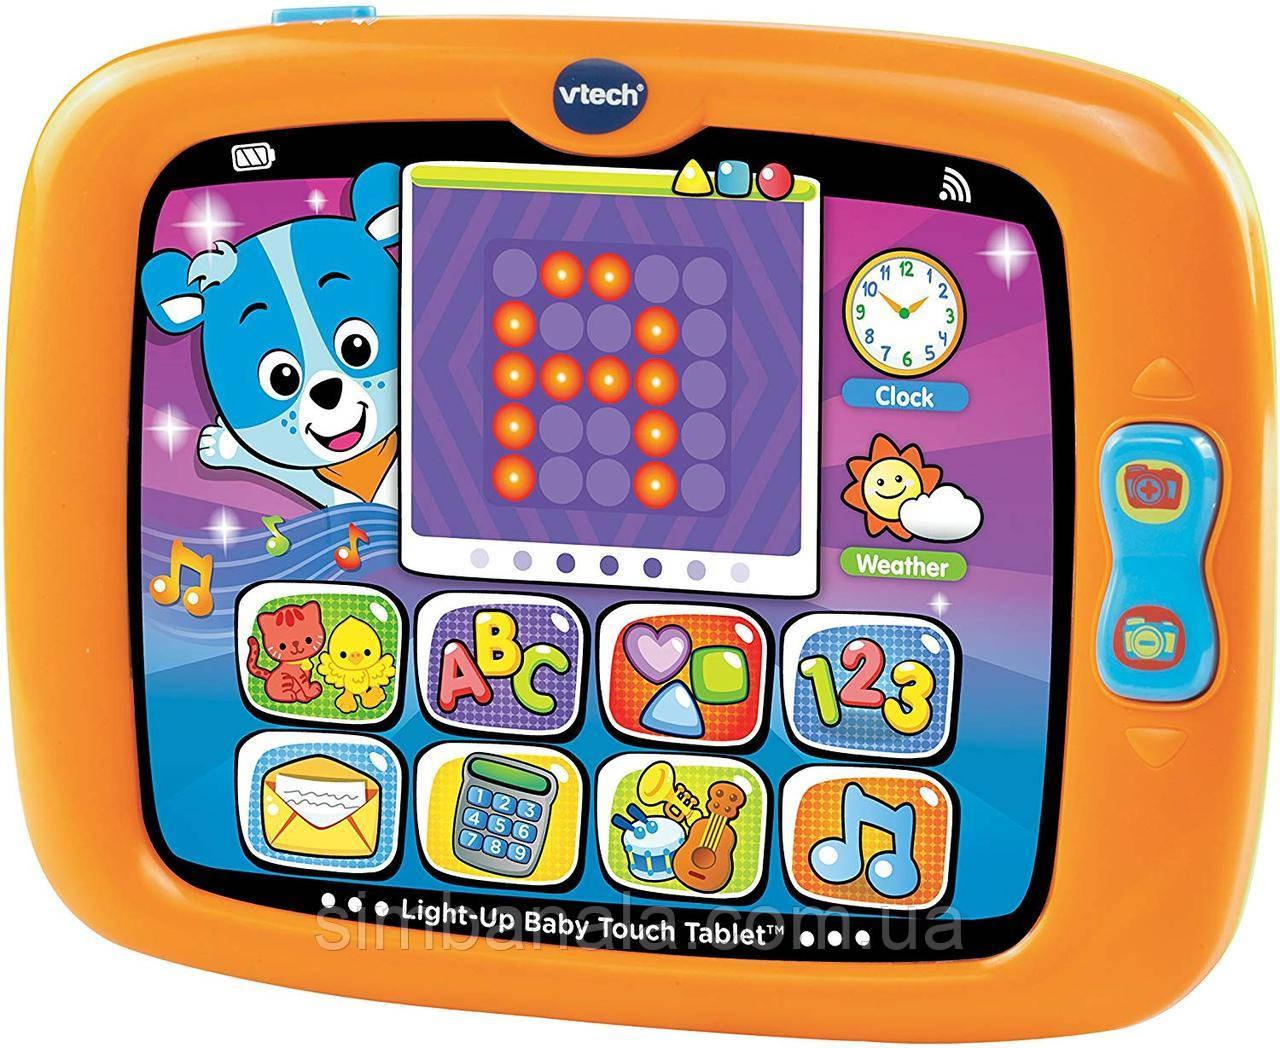 Детский планшет с сенсорным экраном от Vtech, США